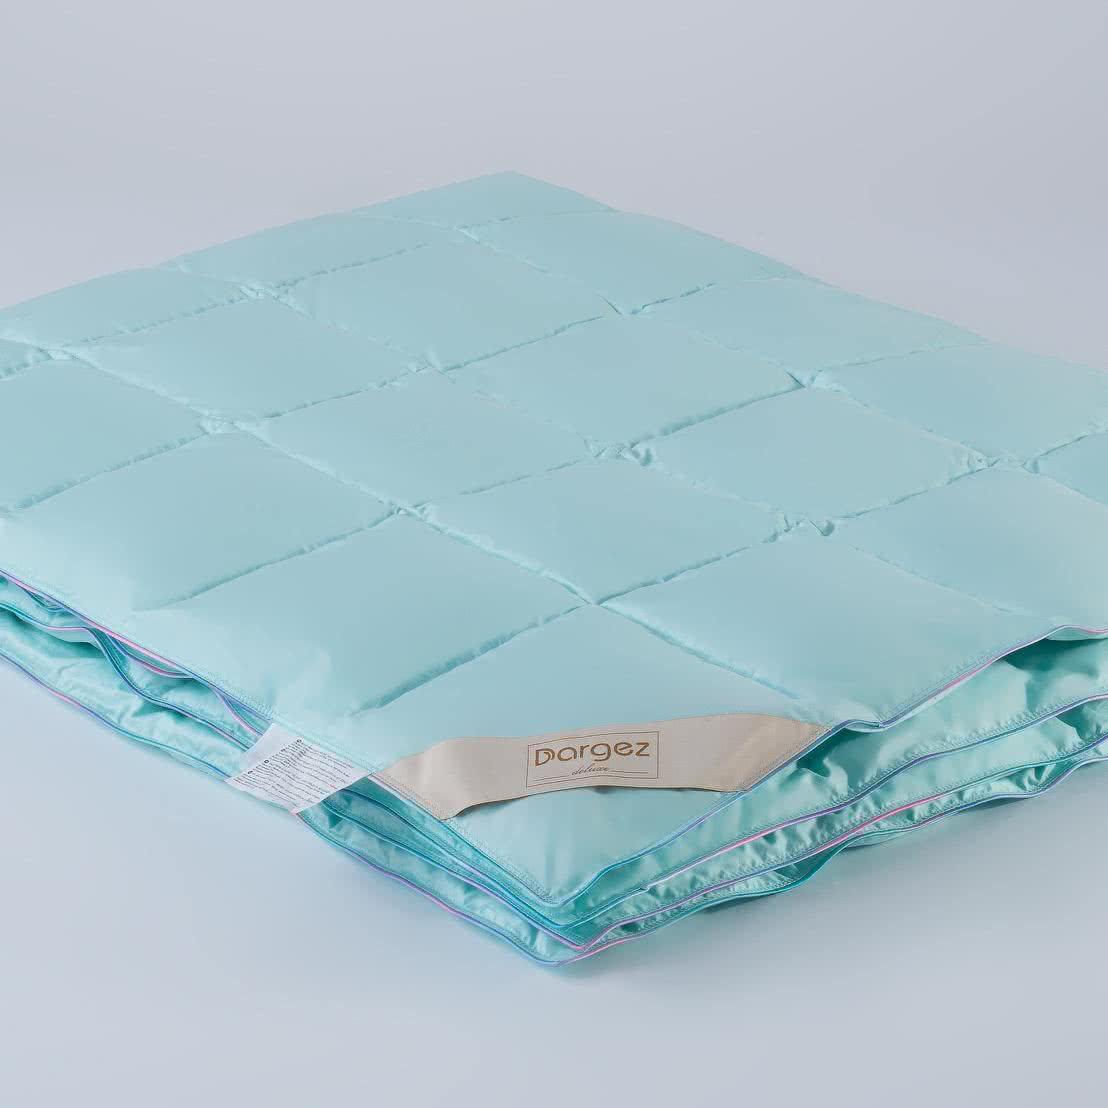 Купить одеяло Даргез Лагуна сверхлегкое